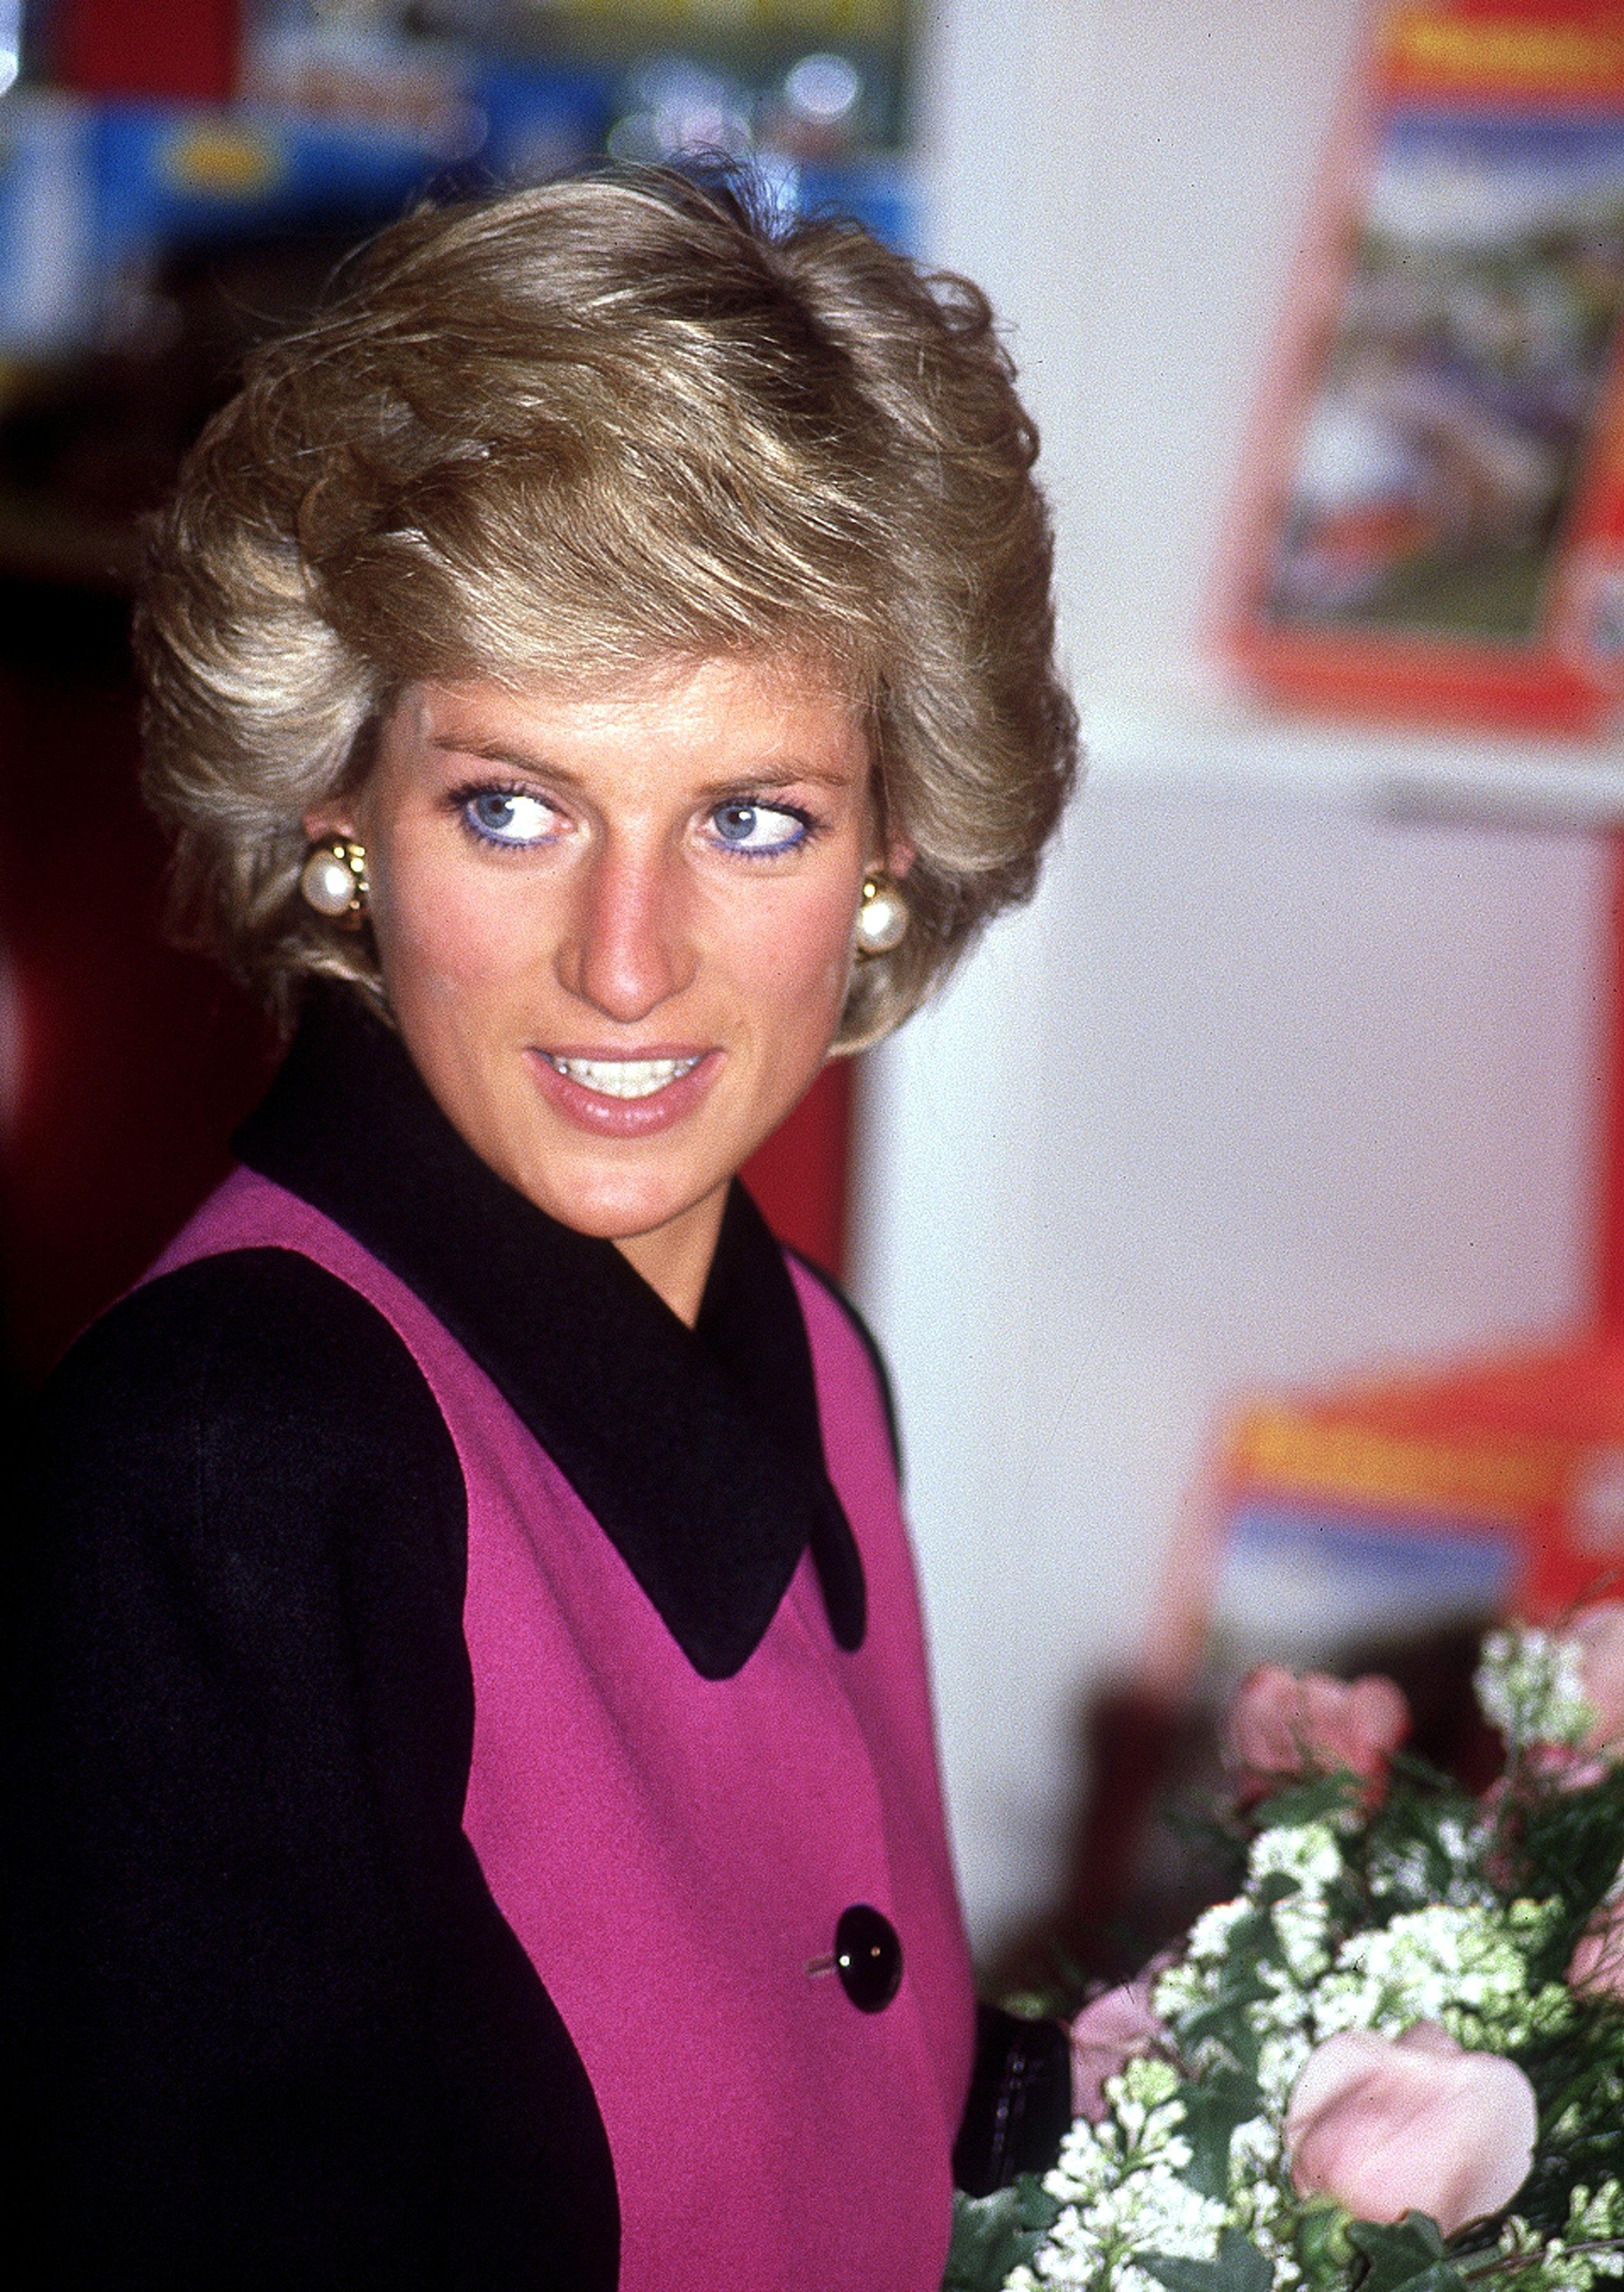 Diana princess of wales princess diana pinterest for Princess diana new photos